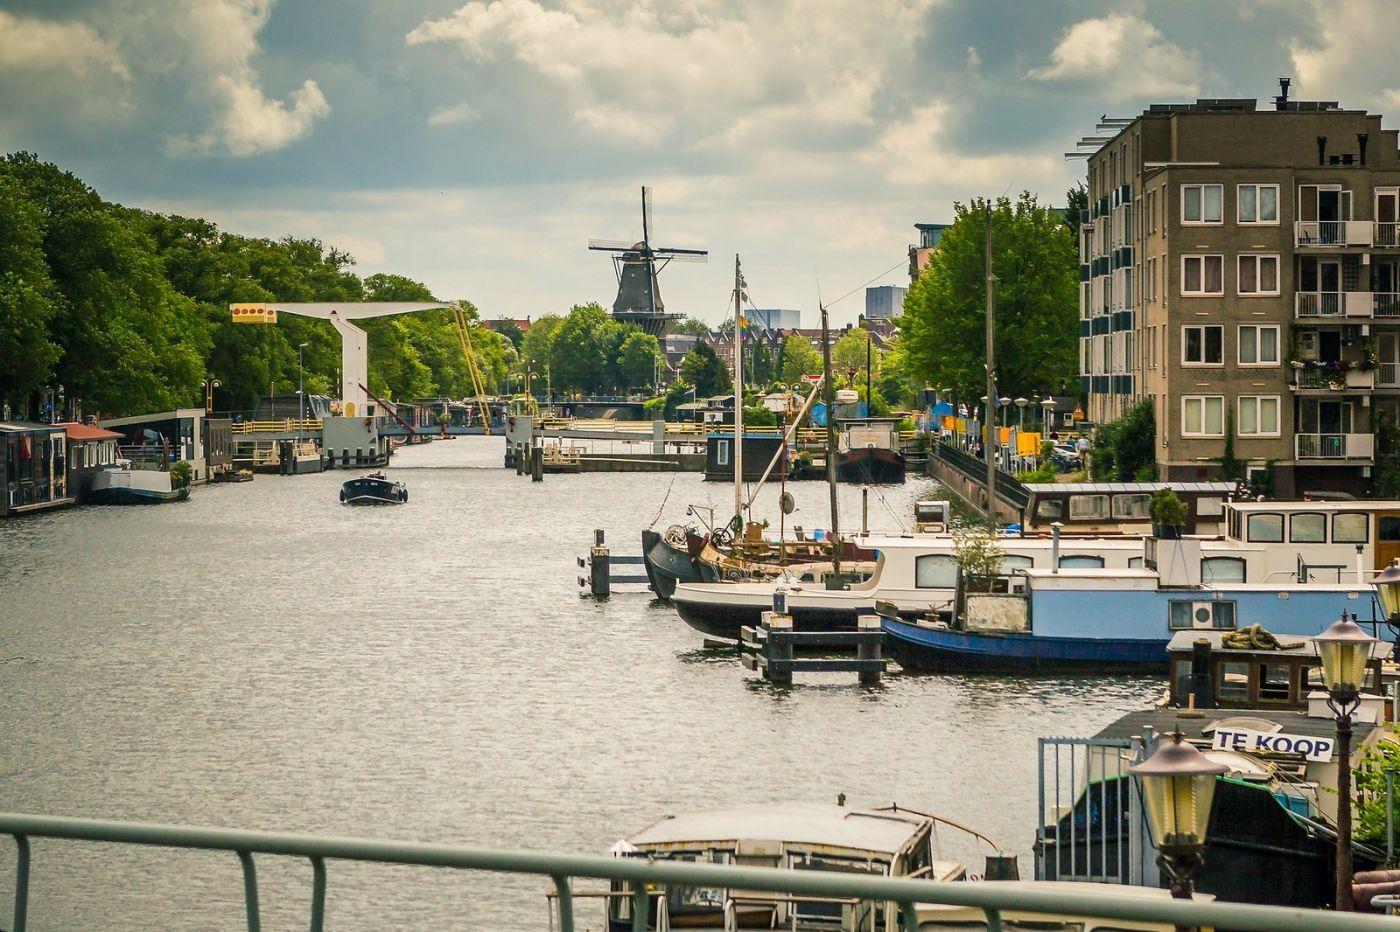 荷兰阿姆斯特丹,穿梭的自行车_图1-17